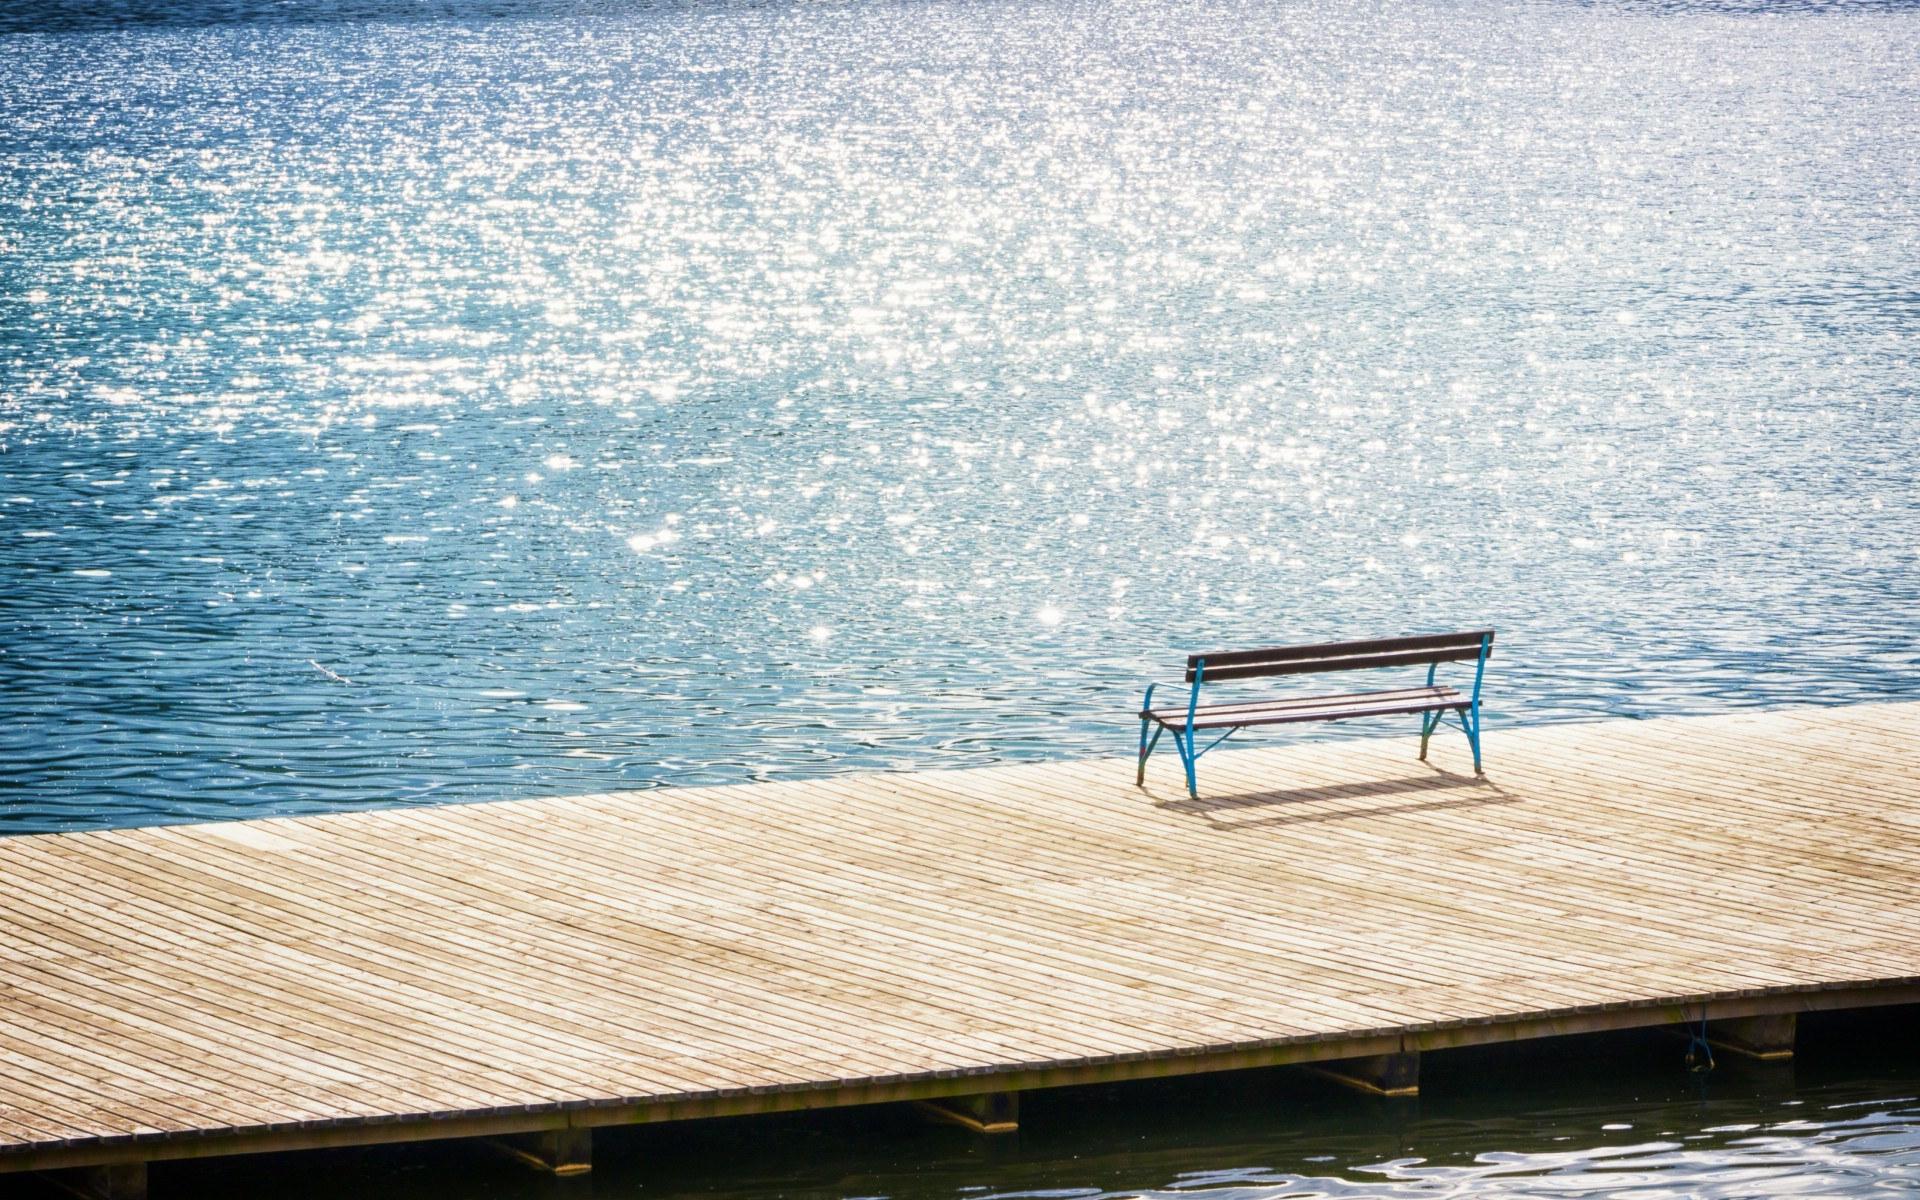 孤独的长椅唯美风景高清壁纸下载